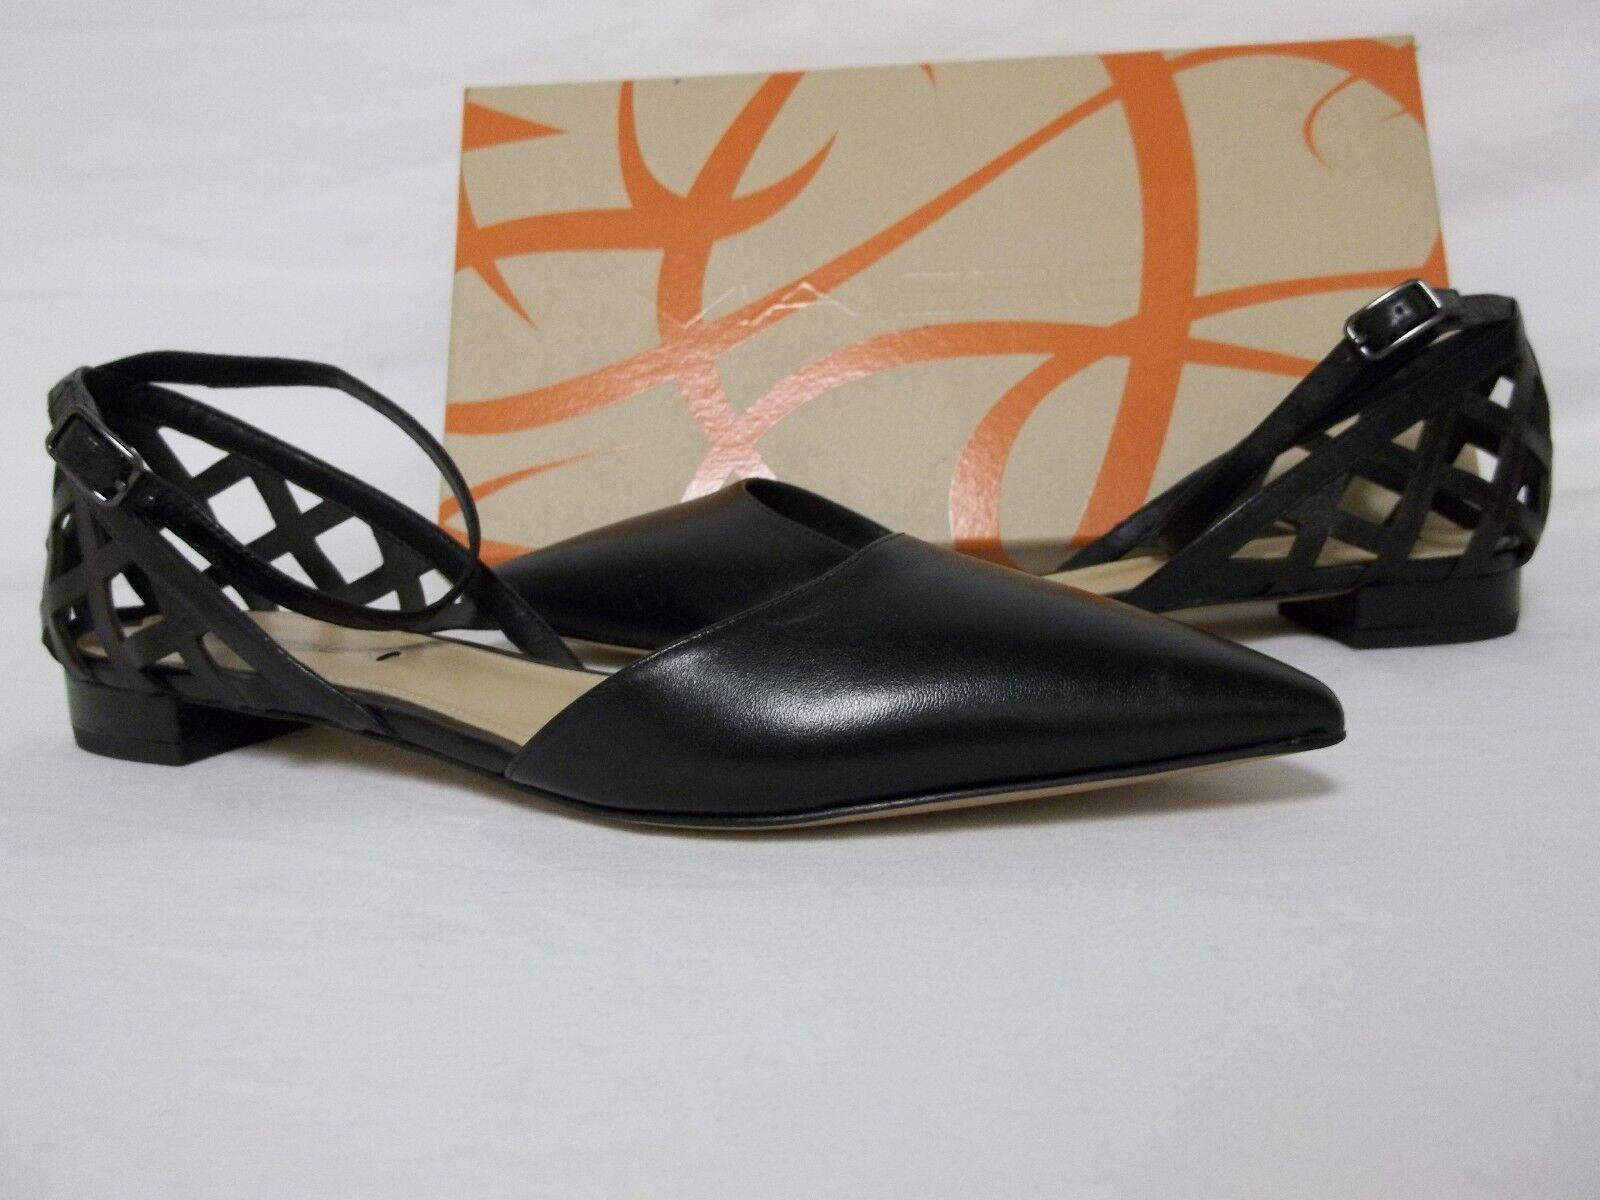 Via Spiga Spiga Spiga tamaño 6.5 M Valenca Negro Cuero Tira al Tobillo Zapatos sin Taco nuevo para mujer  autorización